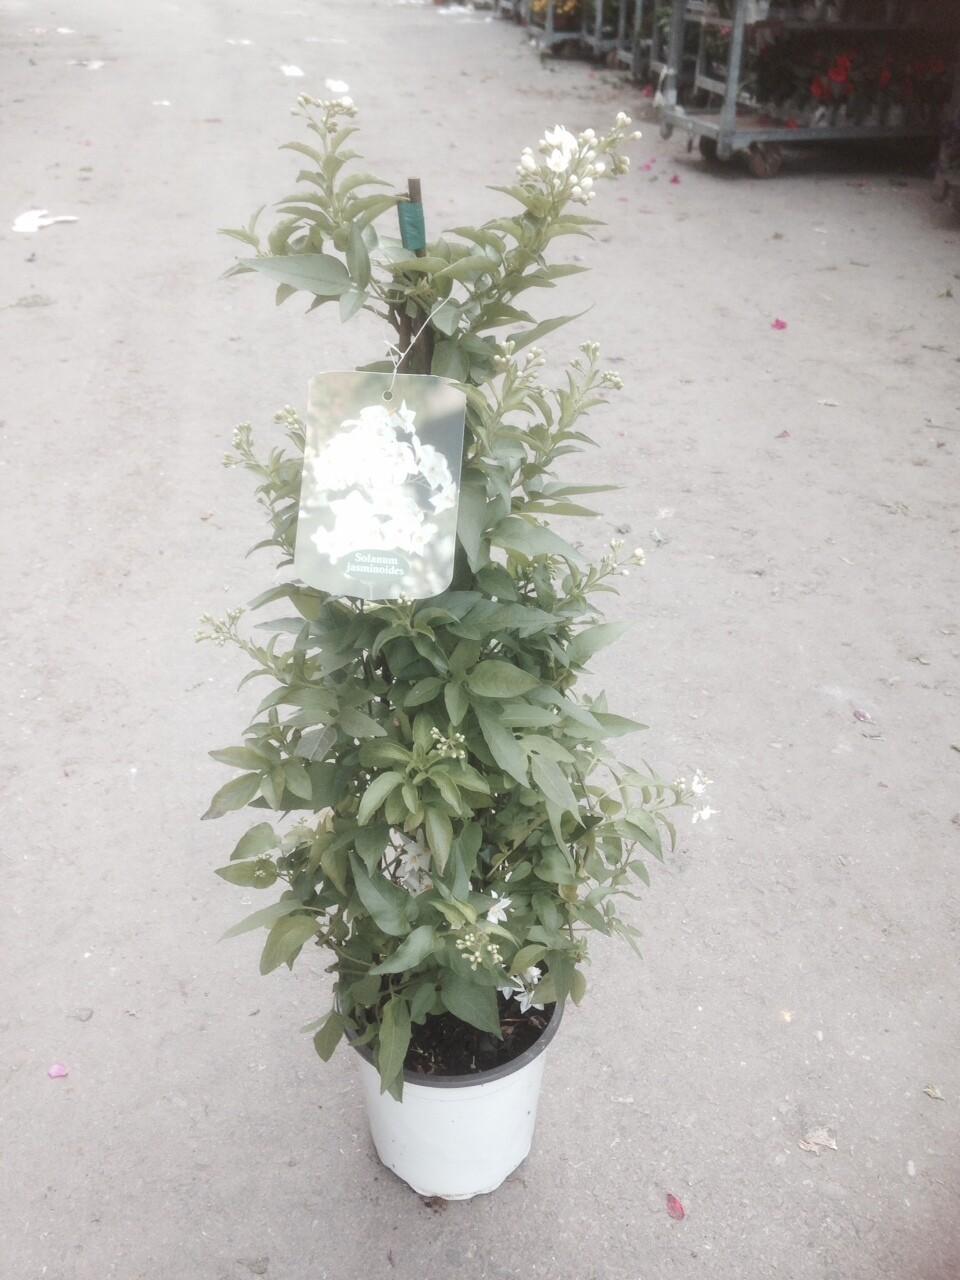 SOLANUM Jasminoides vaso 17 piramide